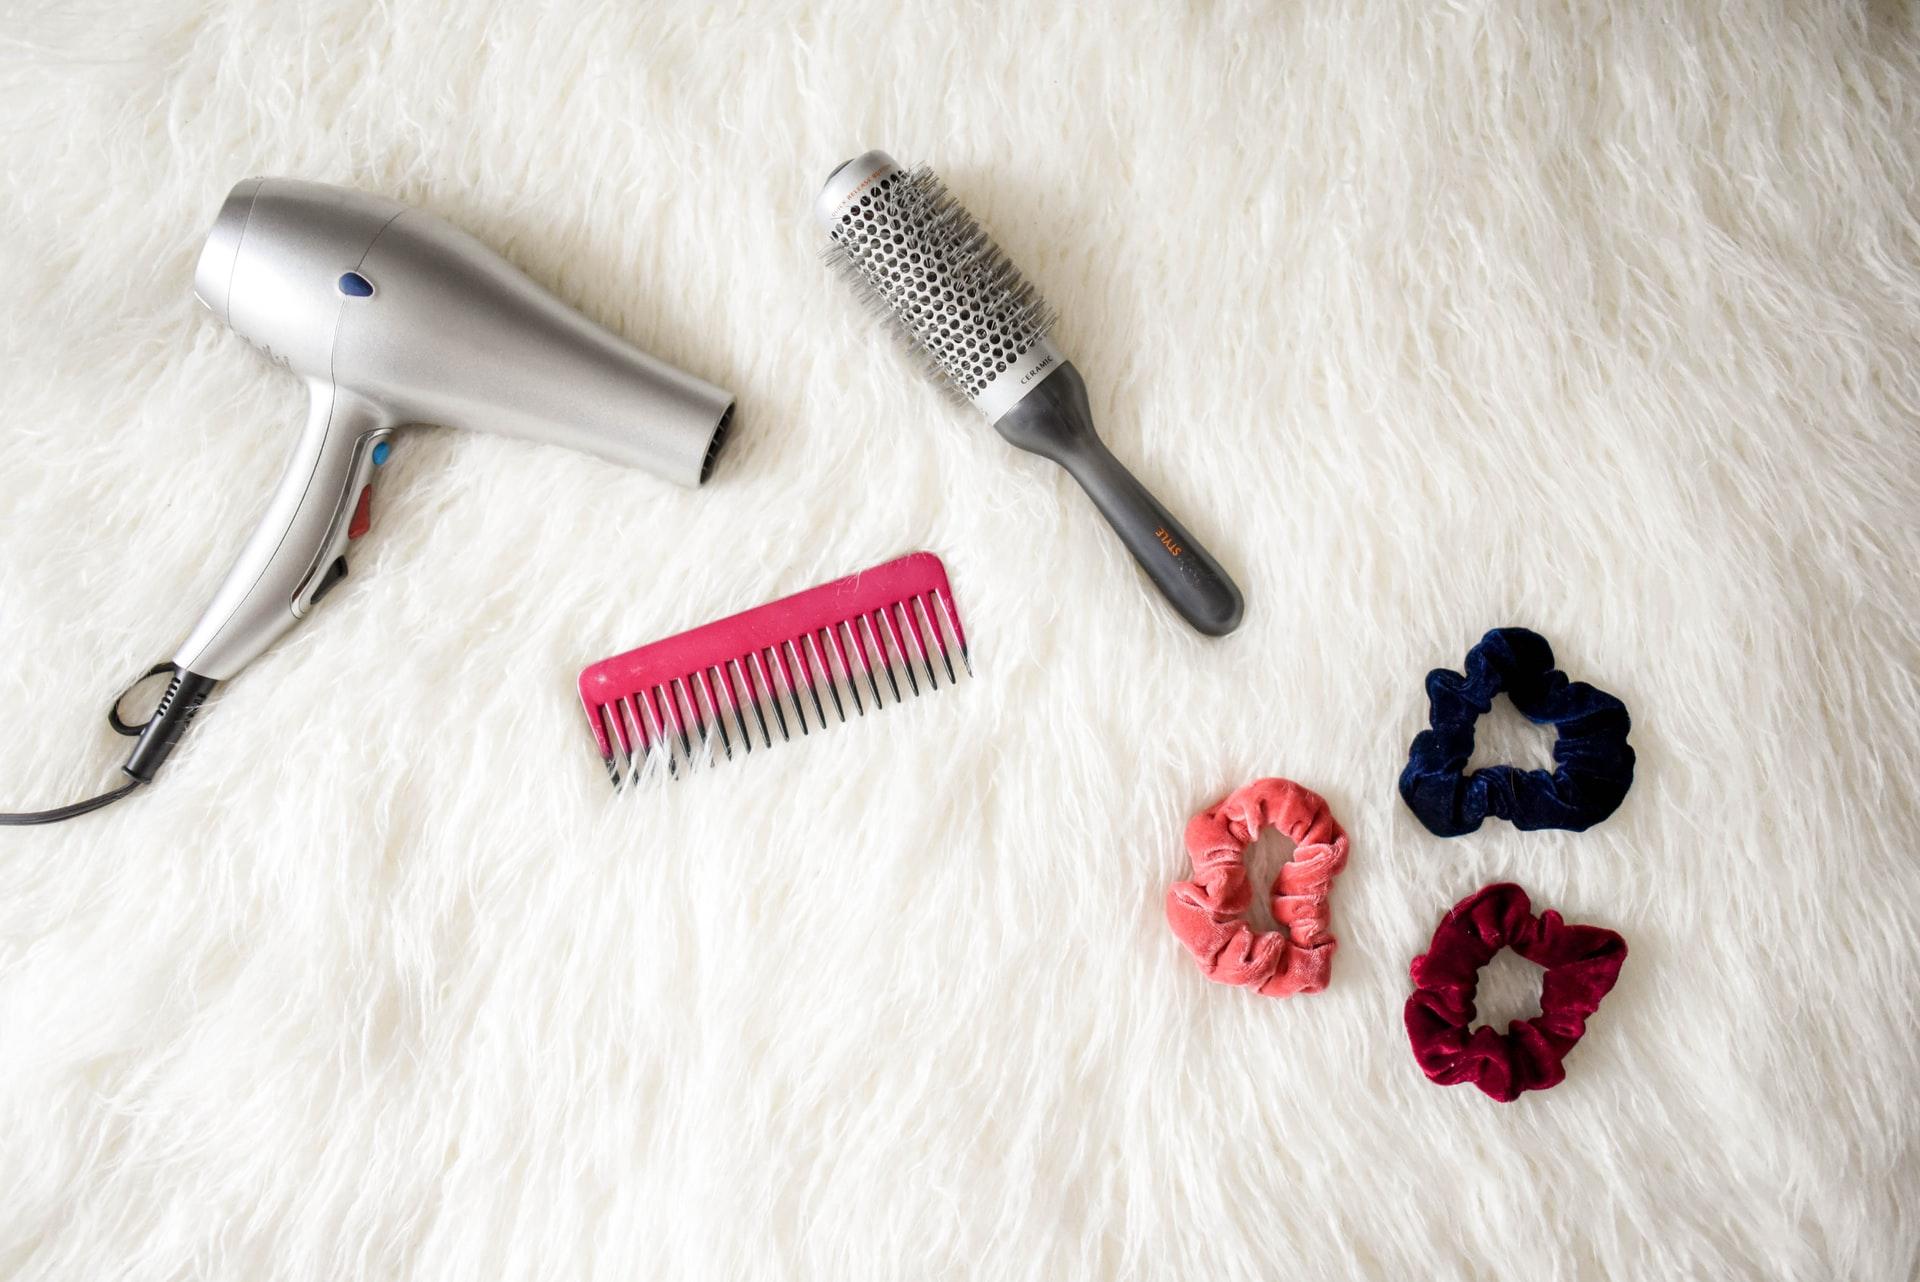 secador estraga o cabelo